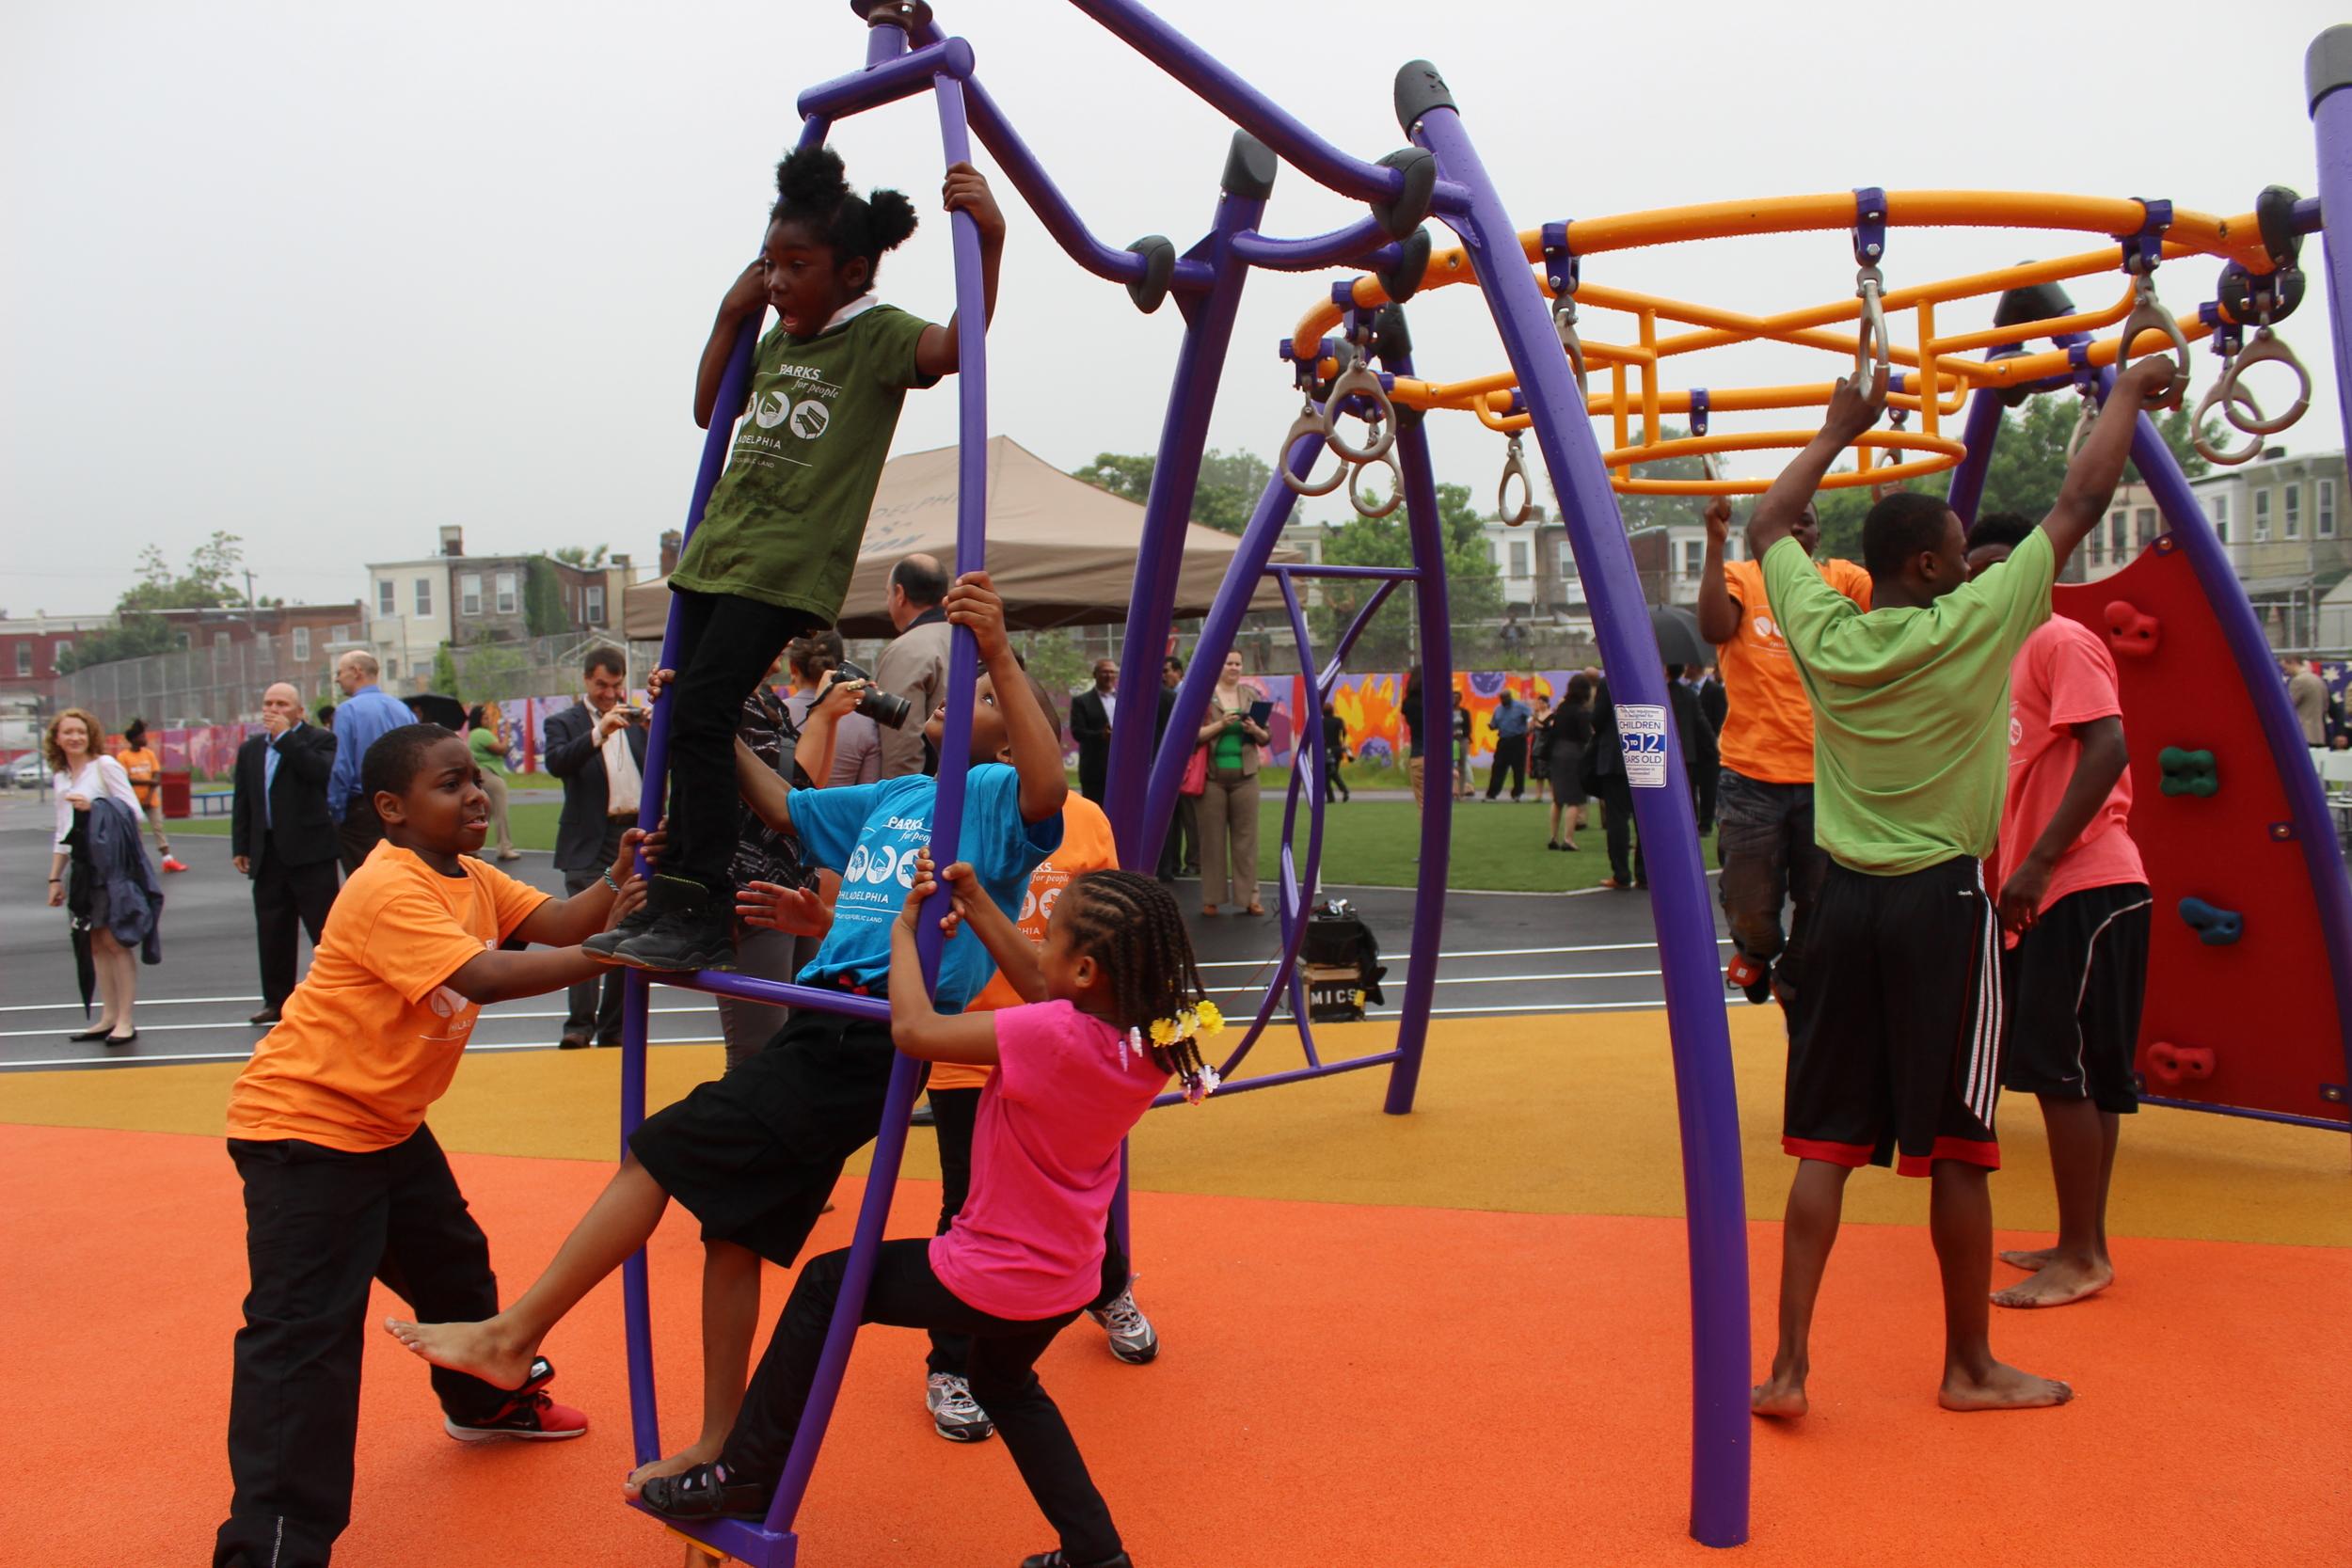 kids_playground 2.jpg